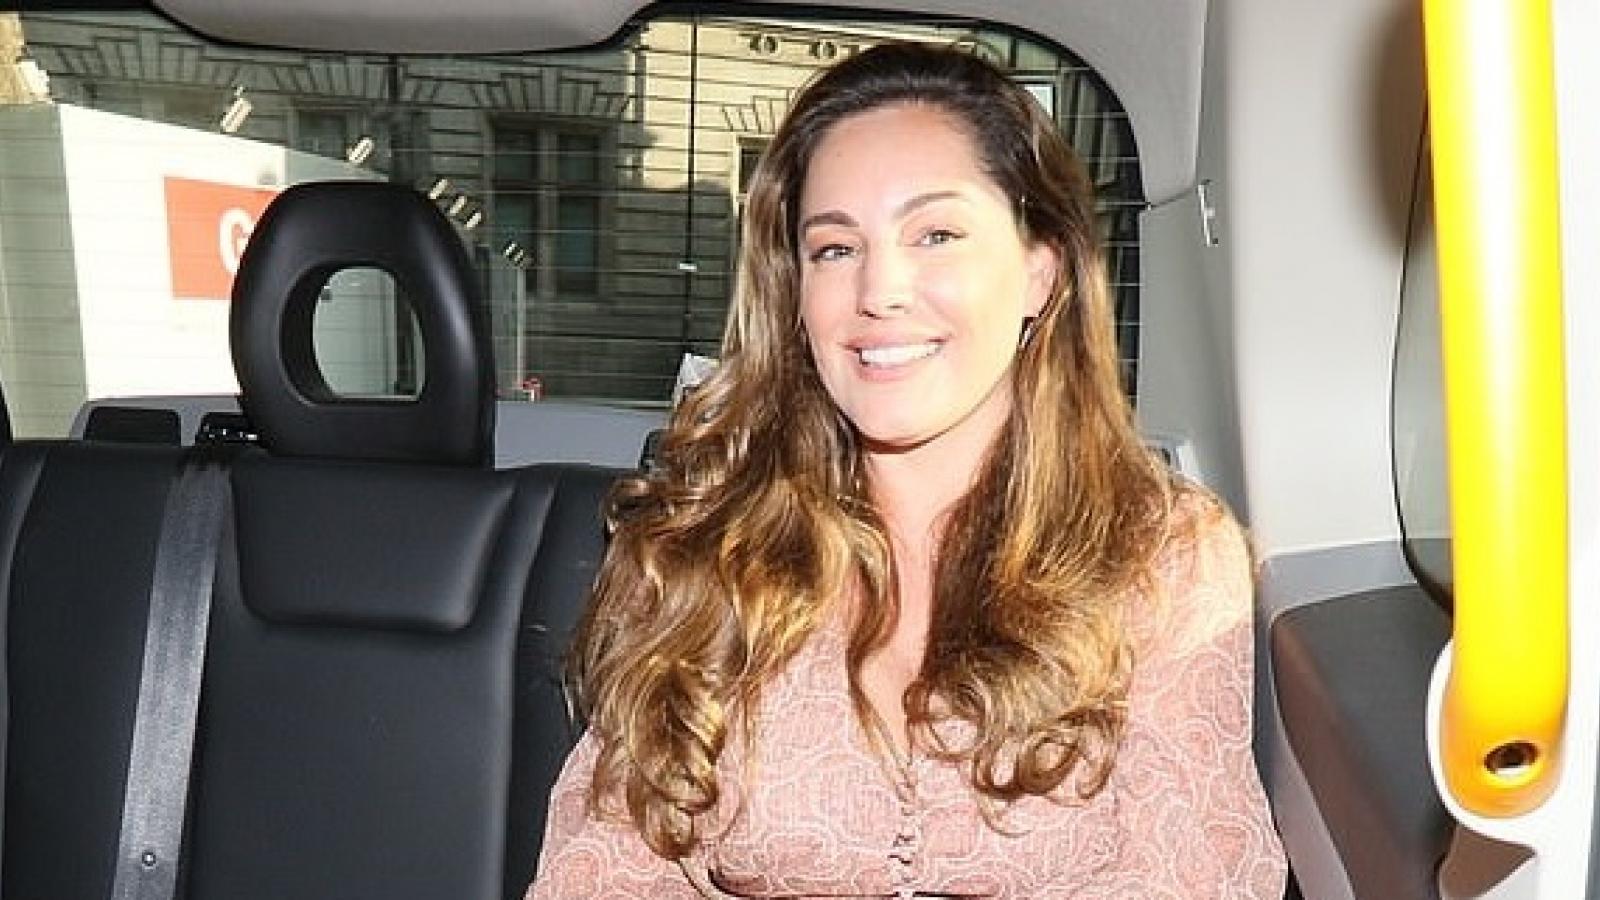 Kelly Brook diện đầm họa tiết điệu đà trở về nhà sau buổi làm việc ở London